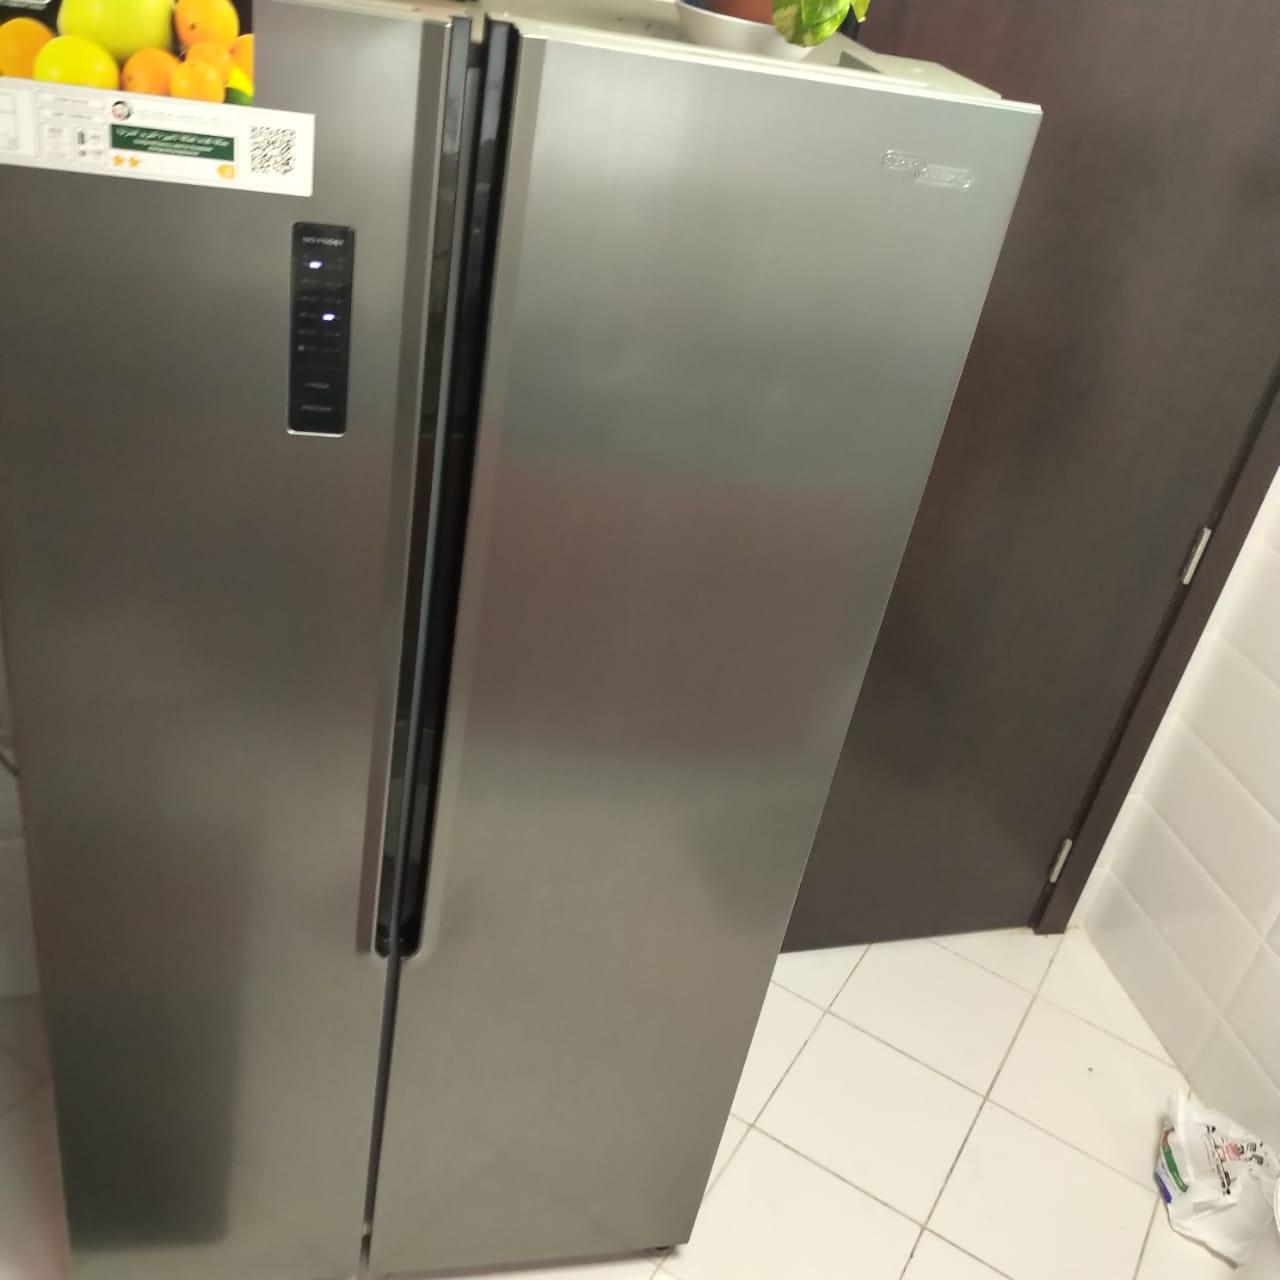 Refrigerator - Super General - Image 2.jpeg